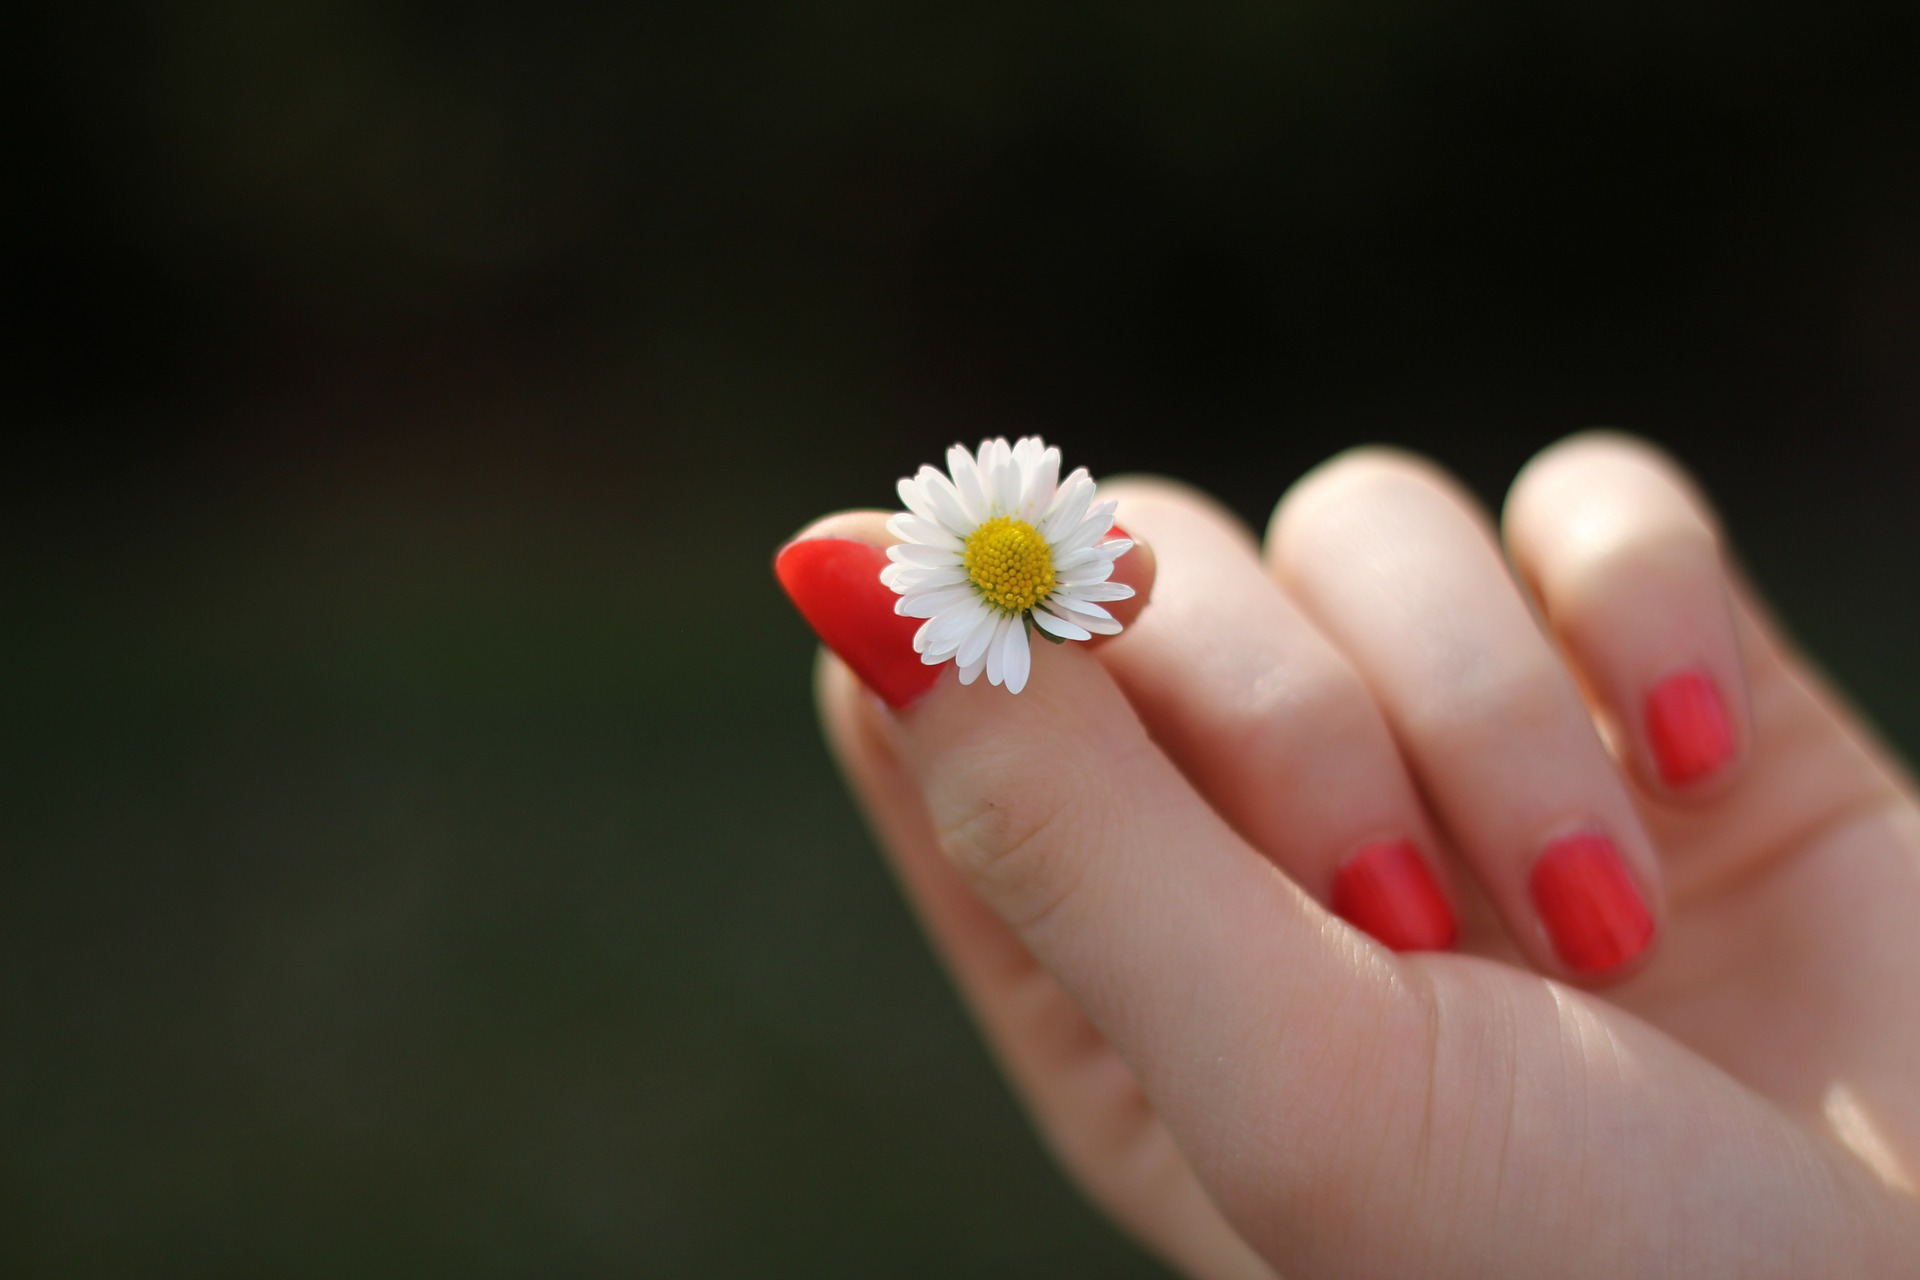 小さな花を持つ手